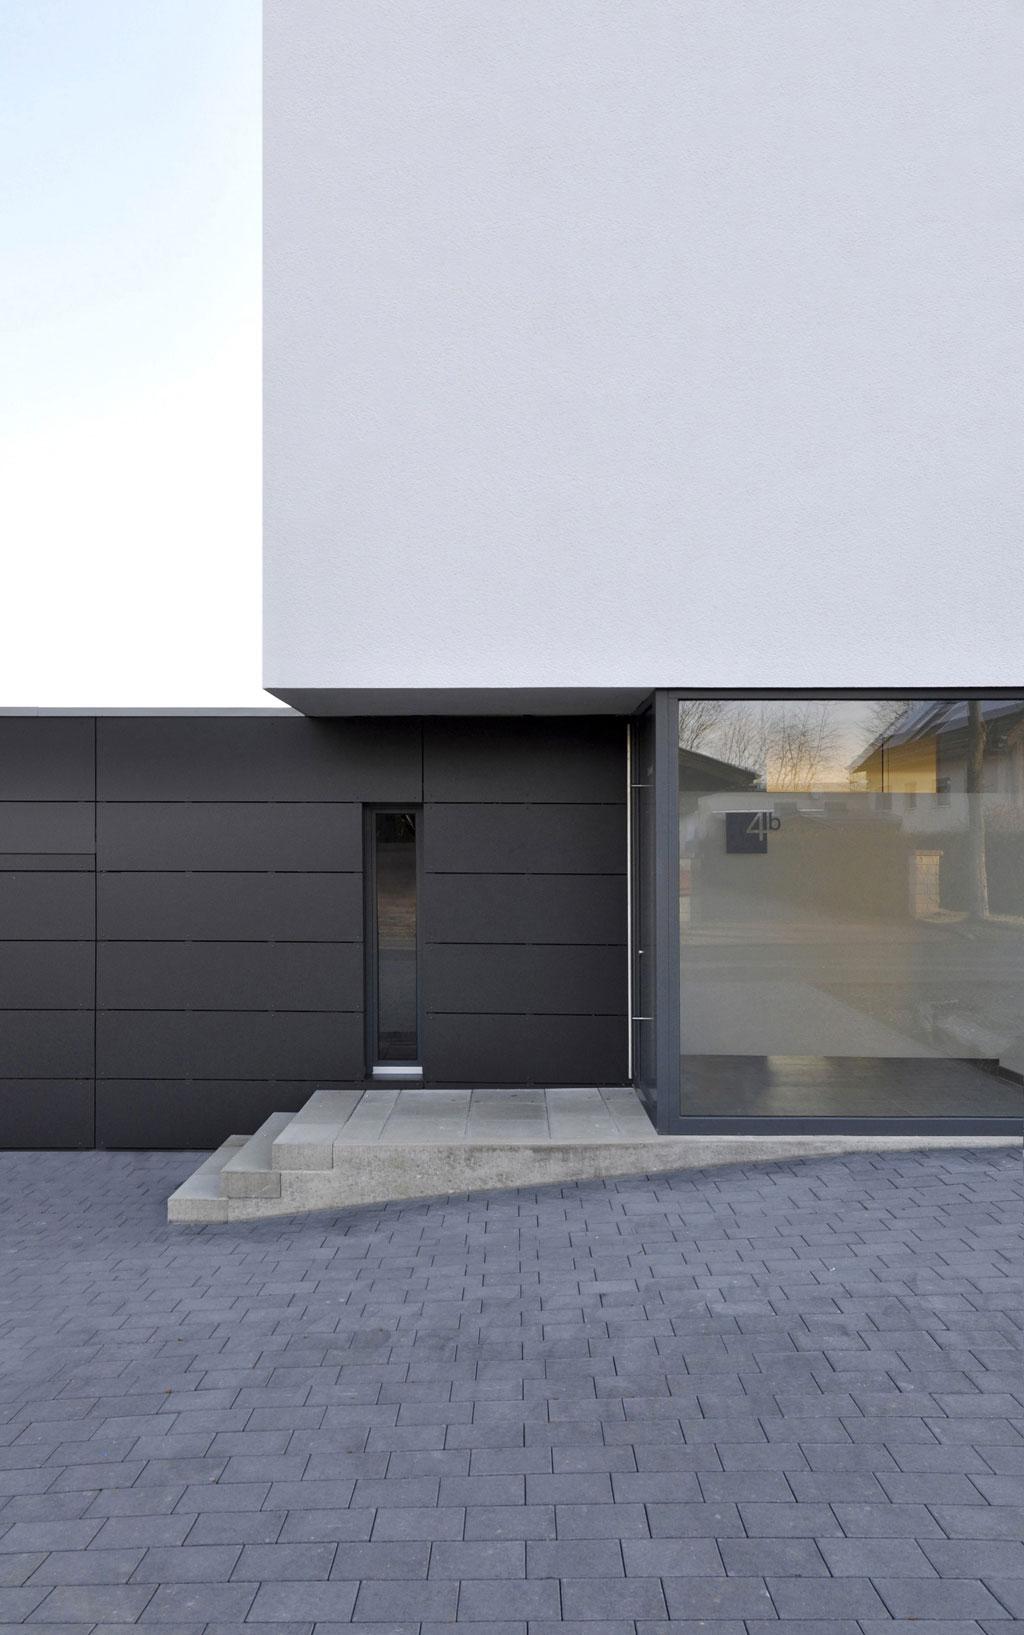 Einfamilienhaus oe fachwerk4 architekten bda for Moderne architektur einfamilienhaus